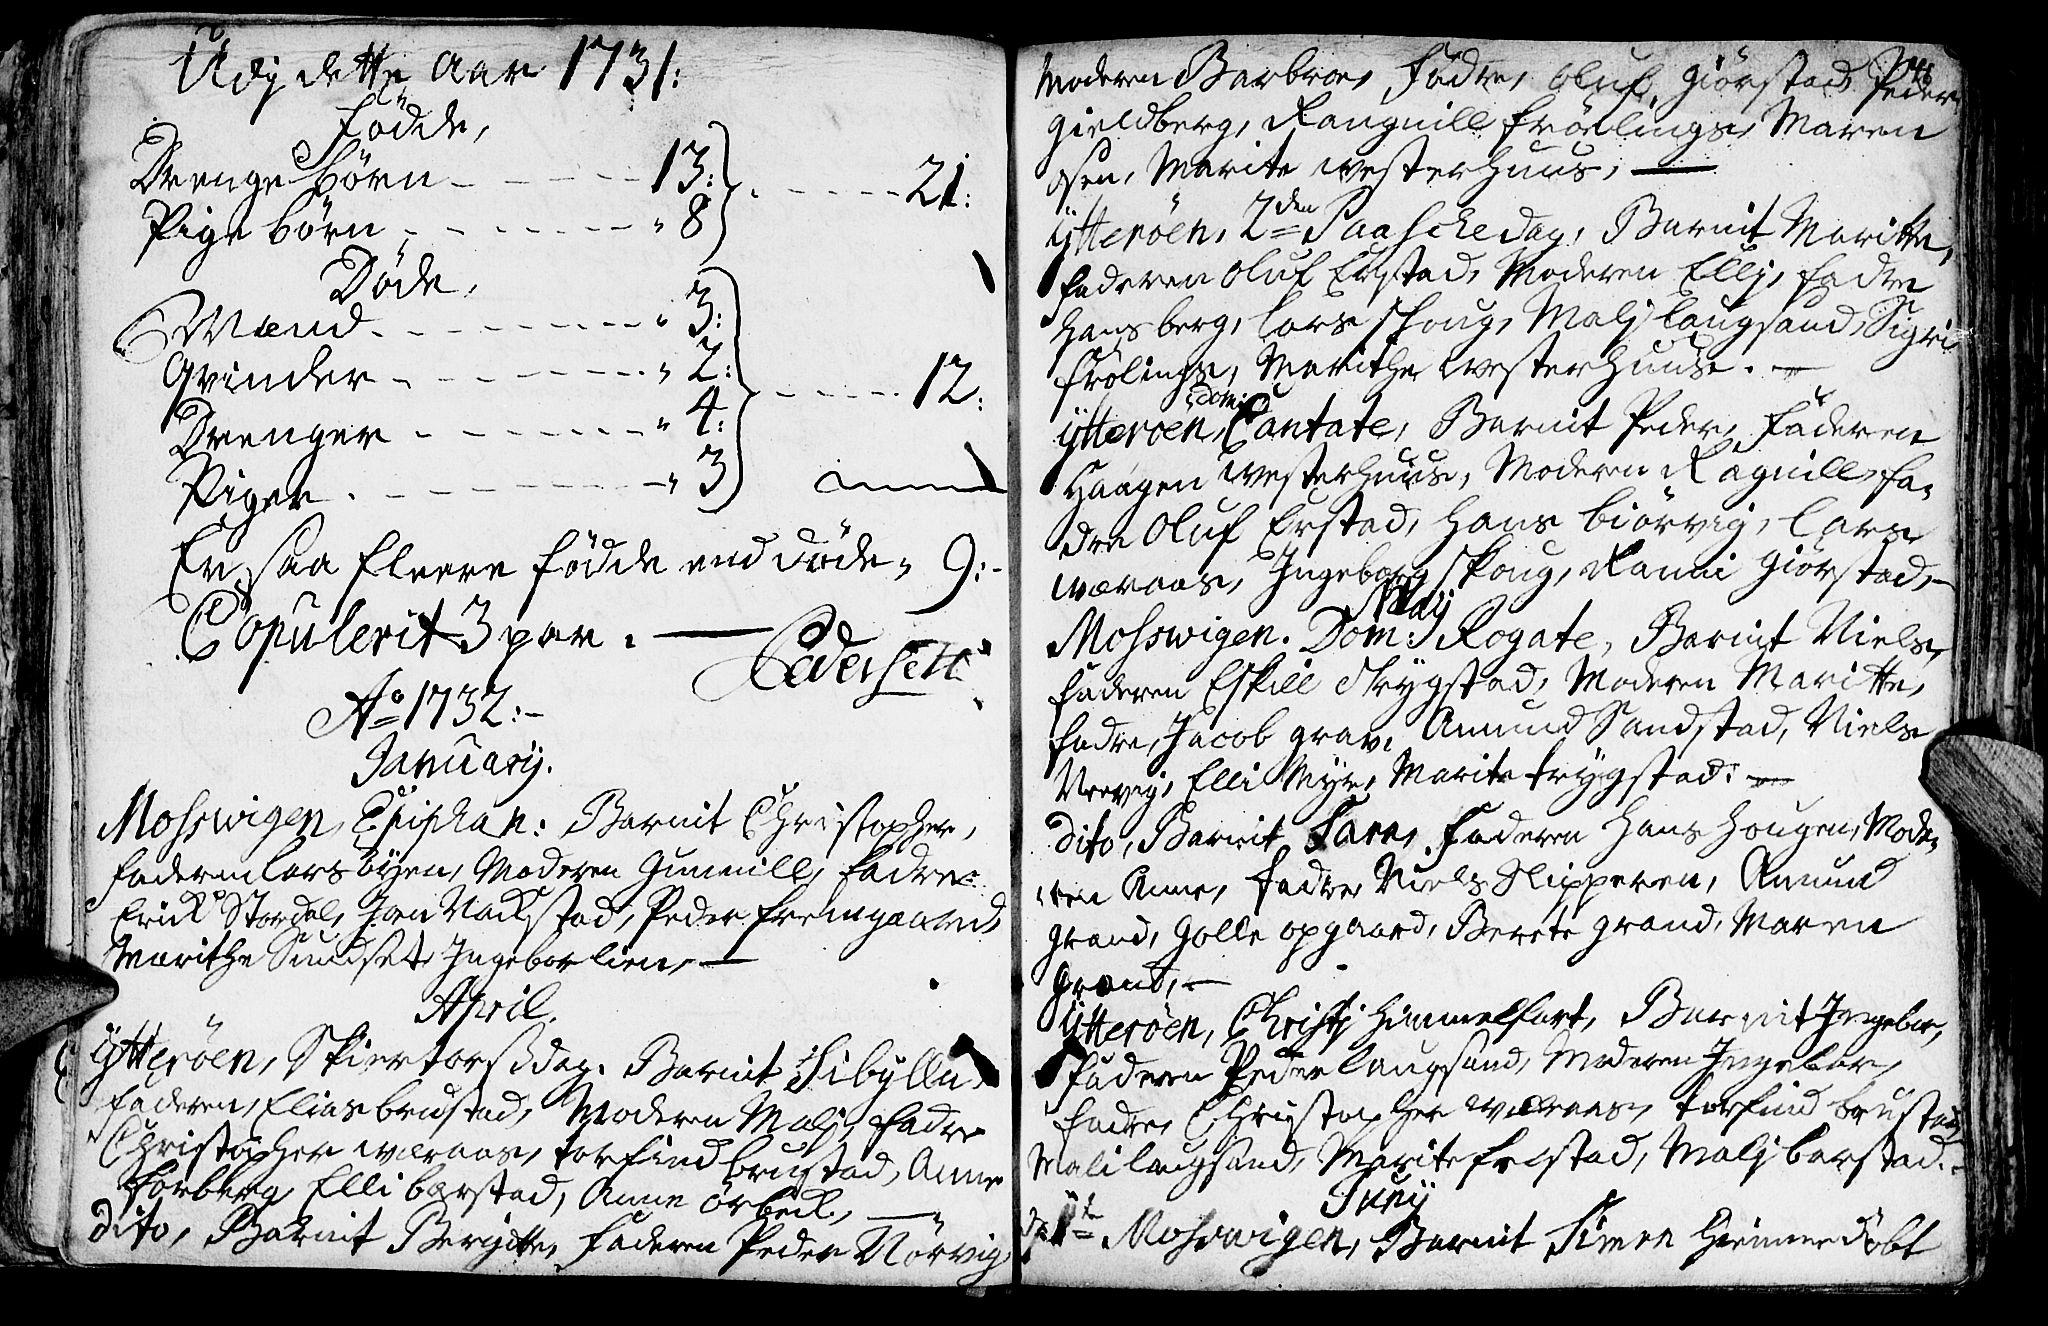 SAT, Ministerialprotokoller, klokkerbøker og fødselsregistre - Nord-Trøndelag, 722/L0215: Ministerialbok nr. 722A02, 1718-1755, s. 41